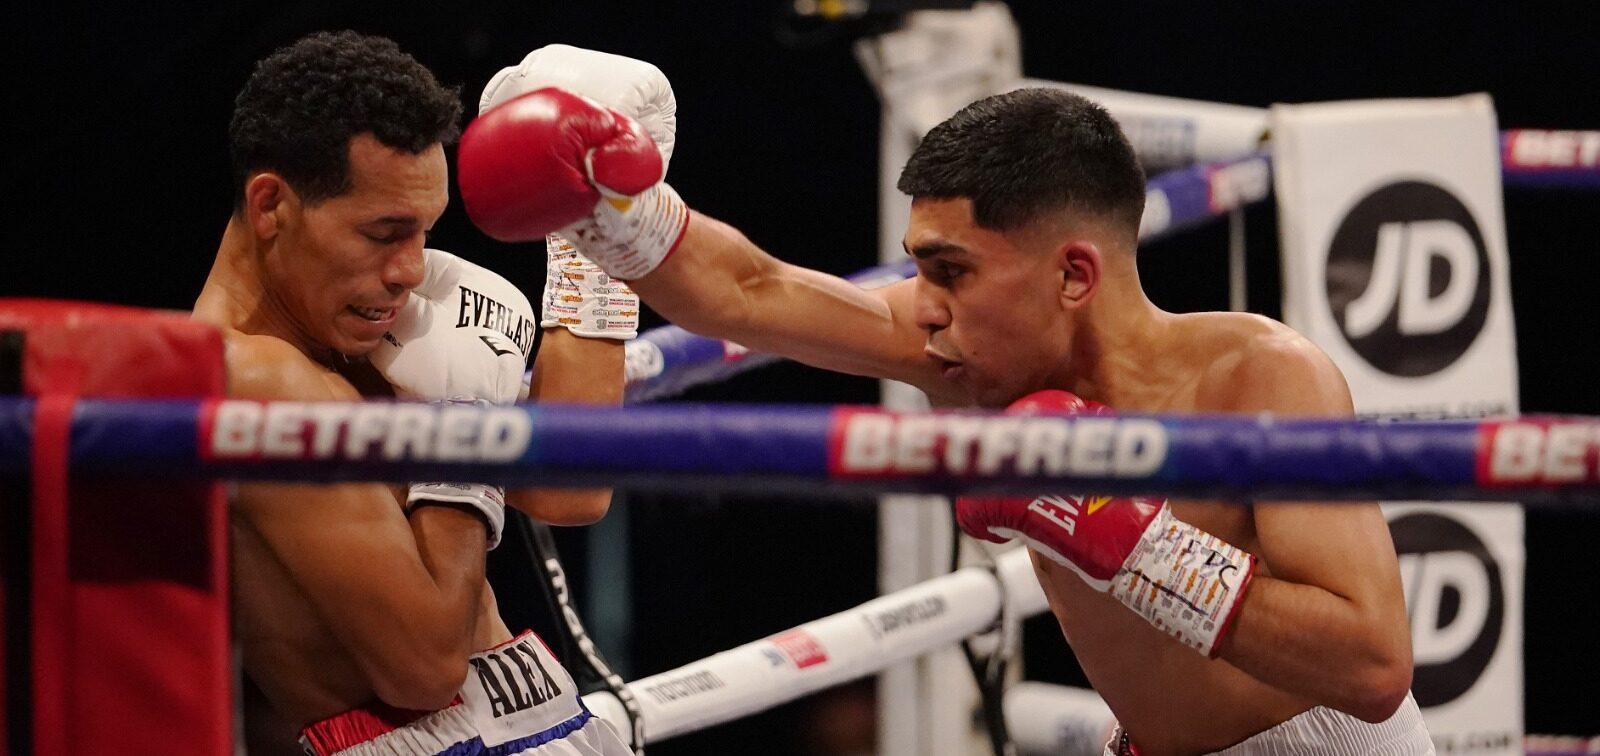 Kash Farooq vs. Alexander Espinoza | Boxen247.com